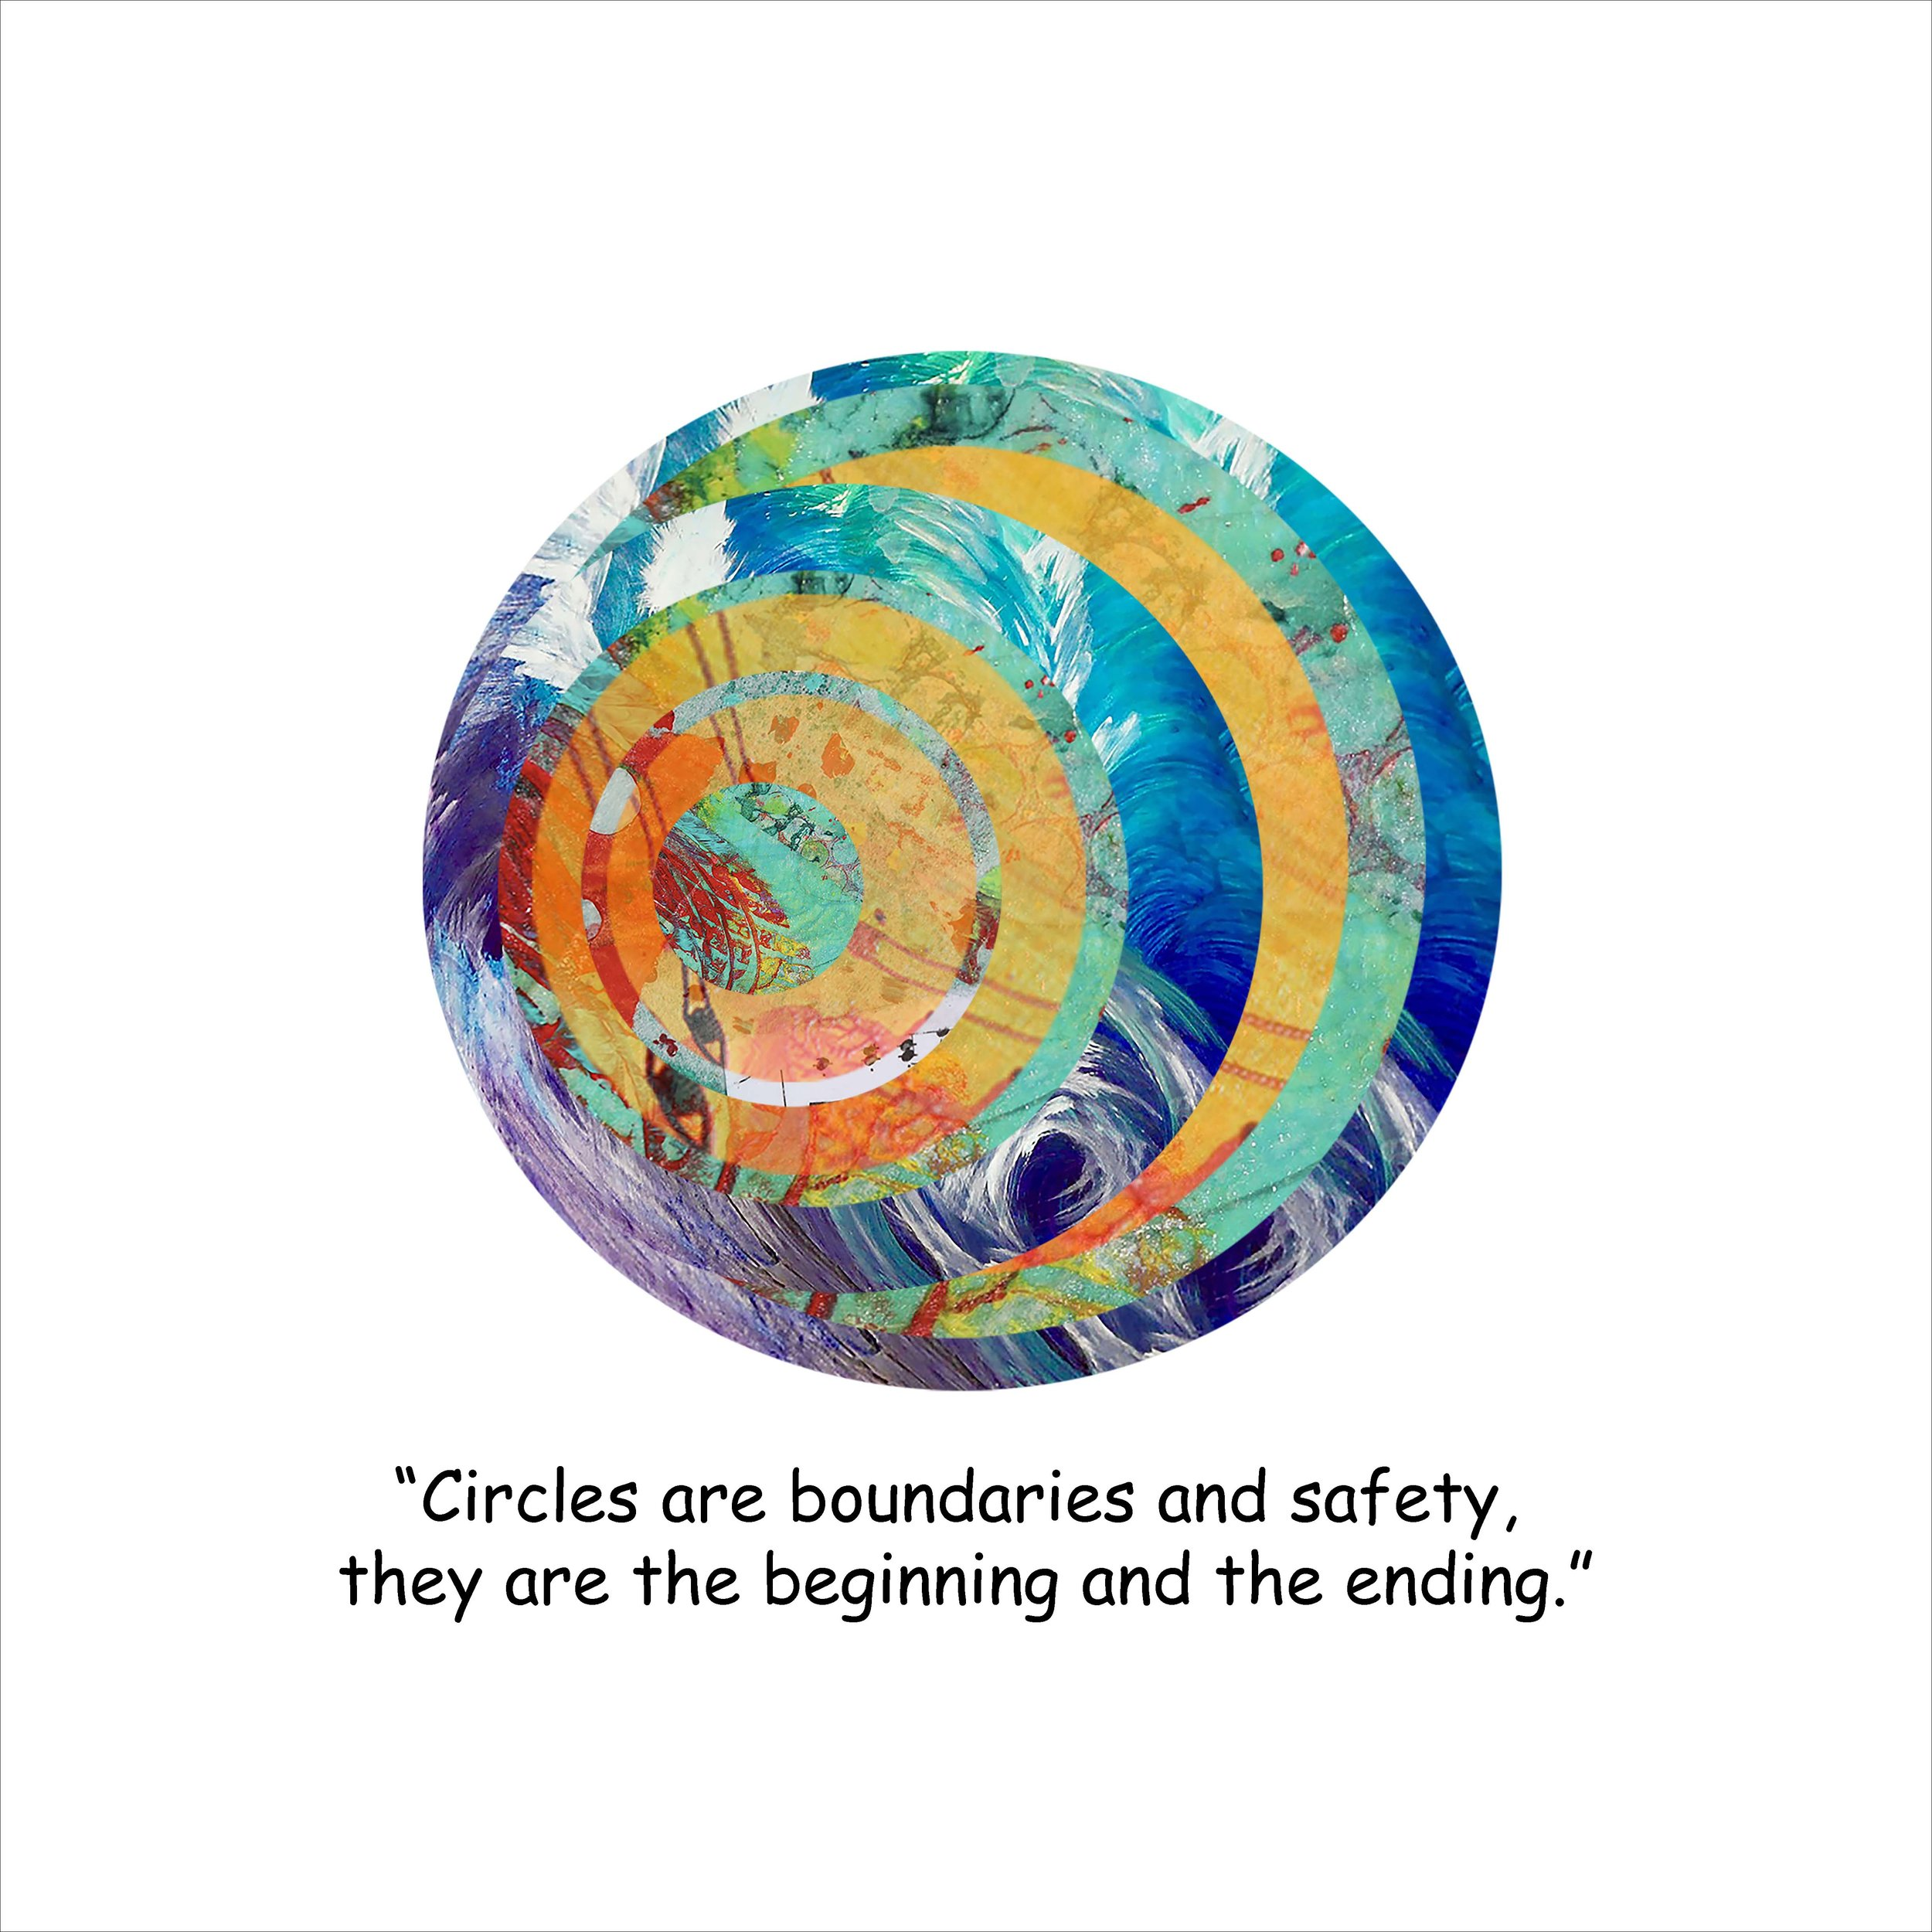 CirclesAre Boundaries_10x10_gw.jpg